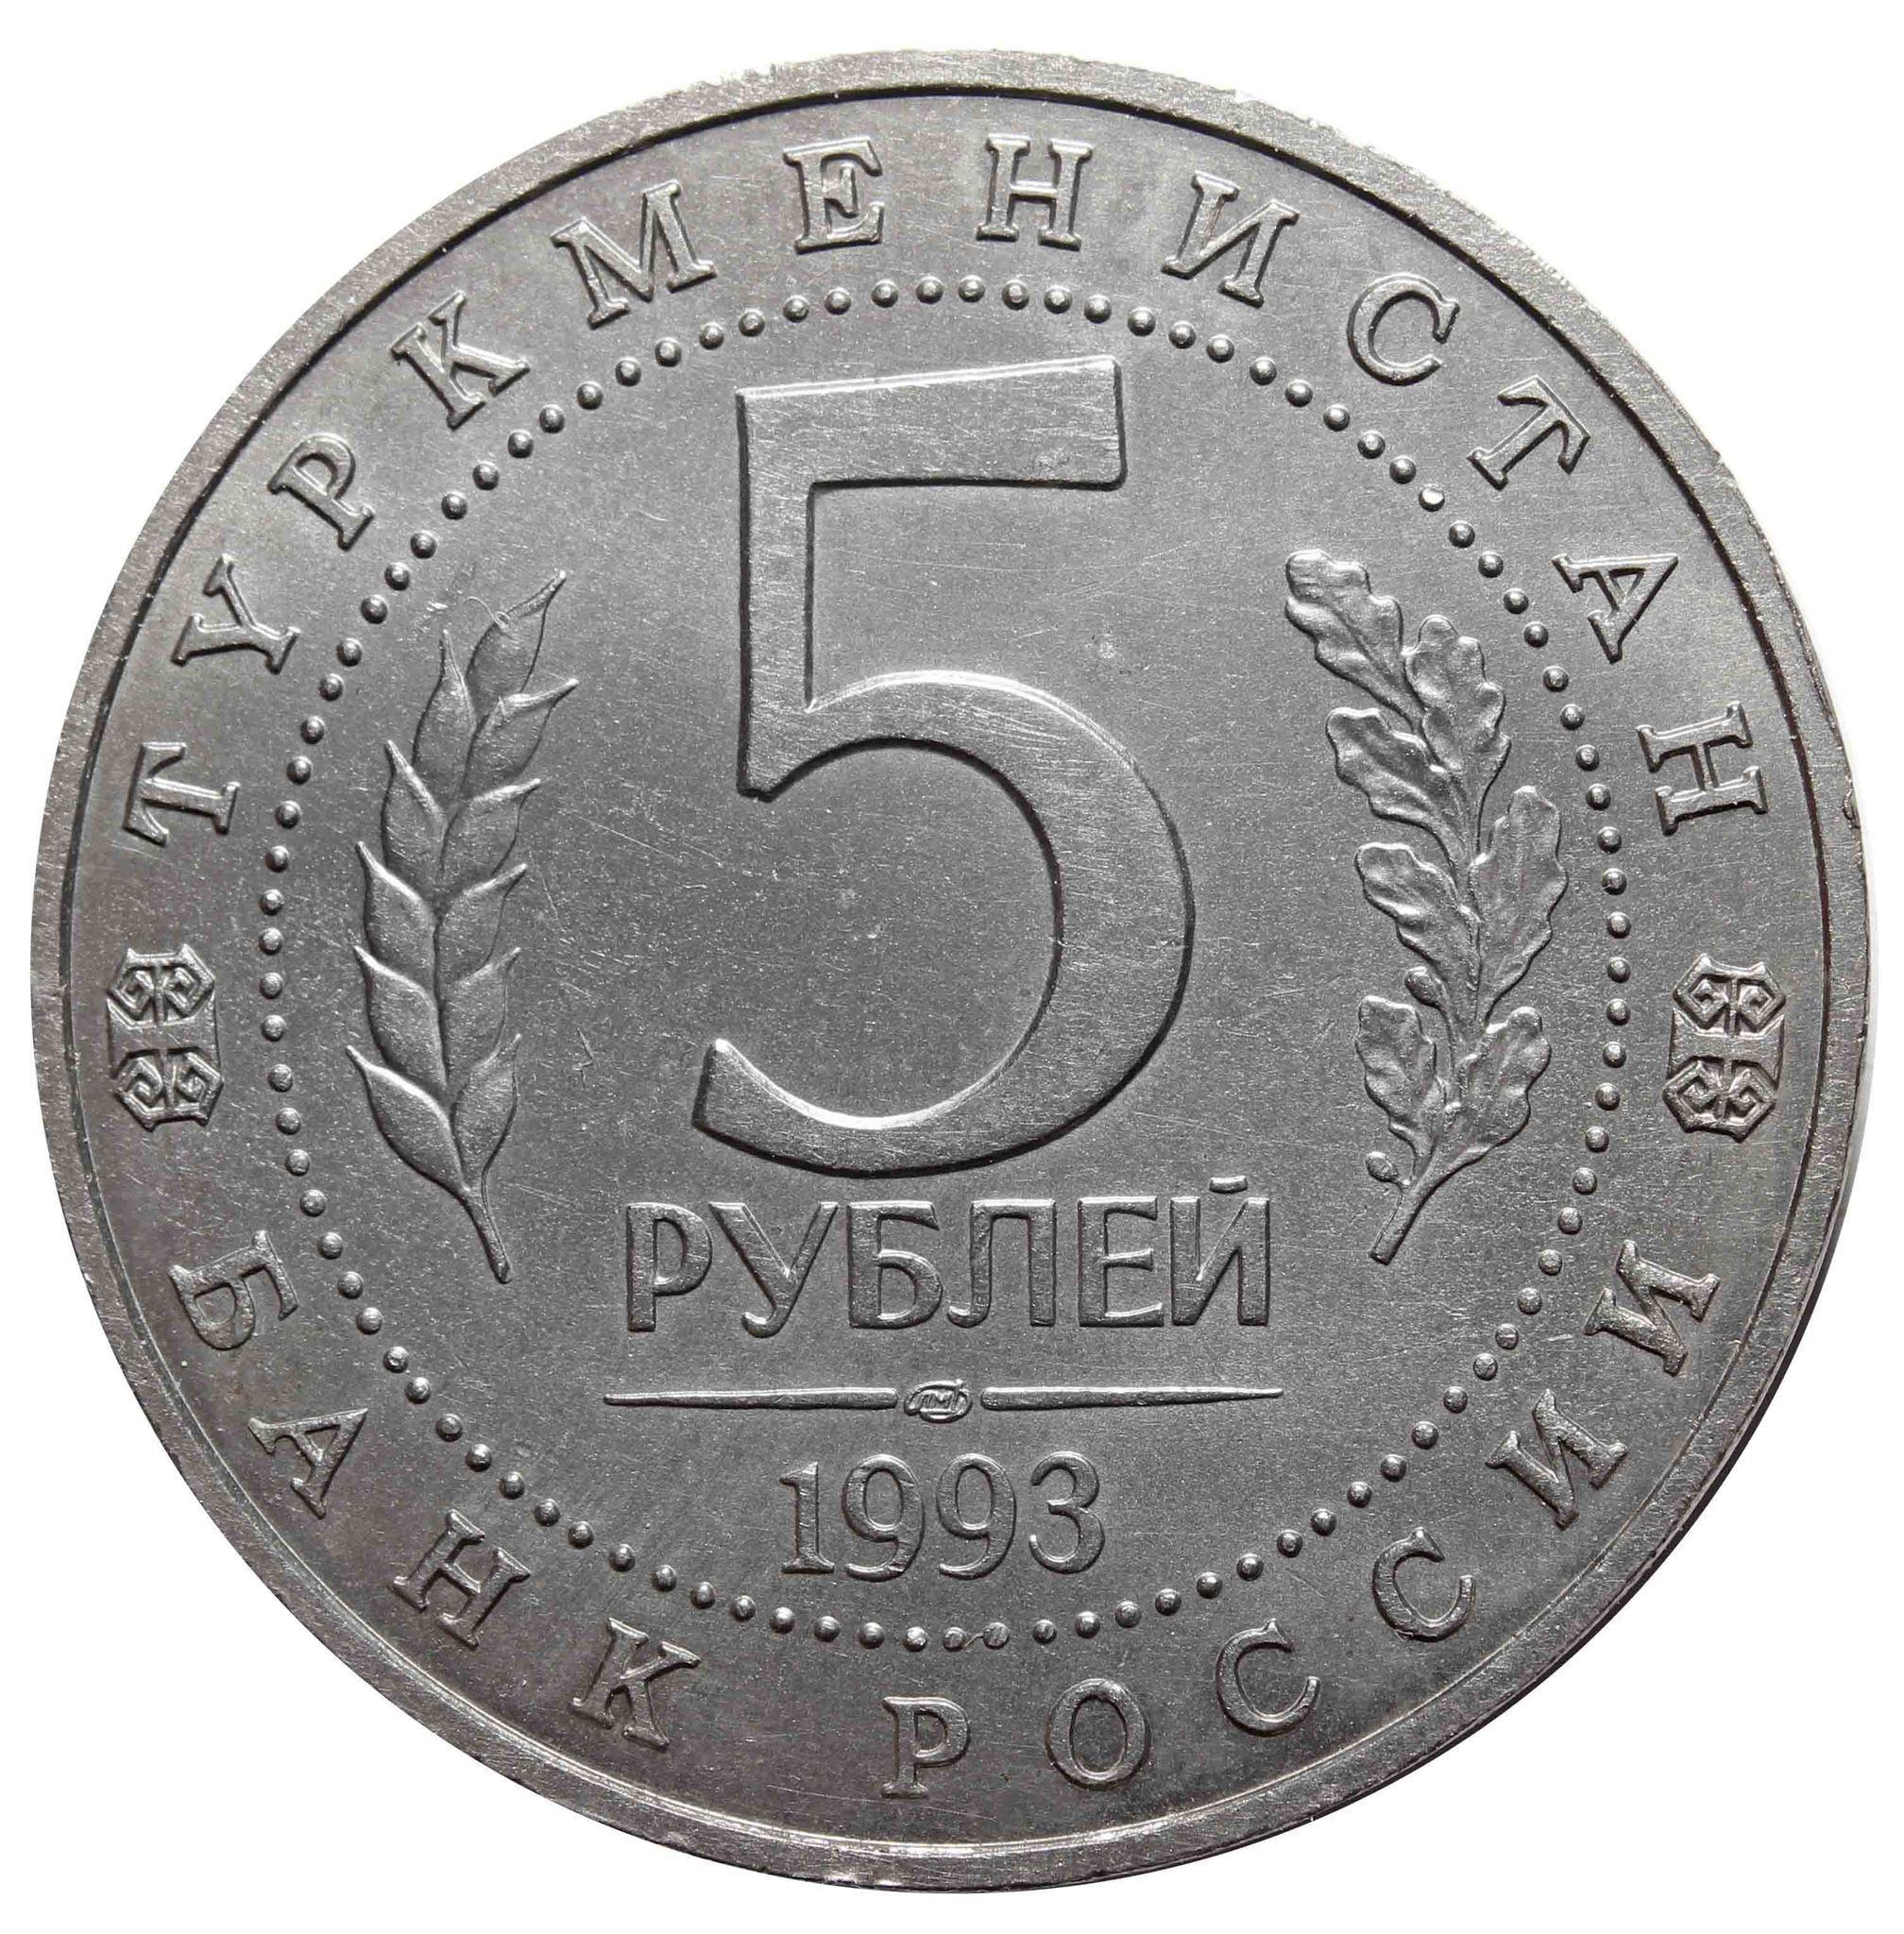 (ац) 5 рублей  Мерв. Туркменистан 1993 года